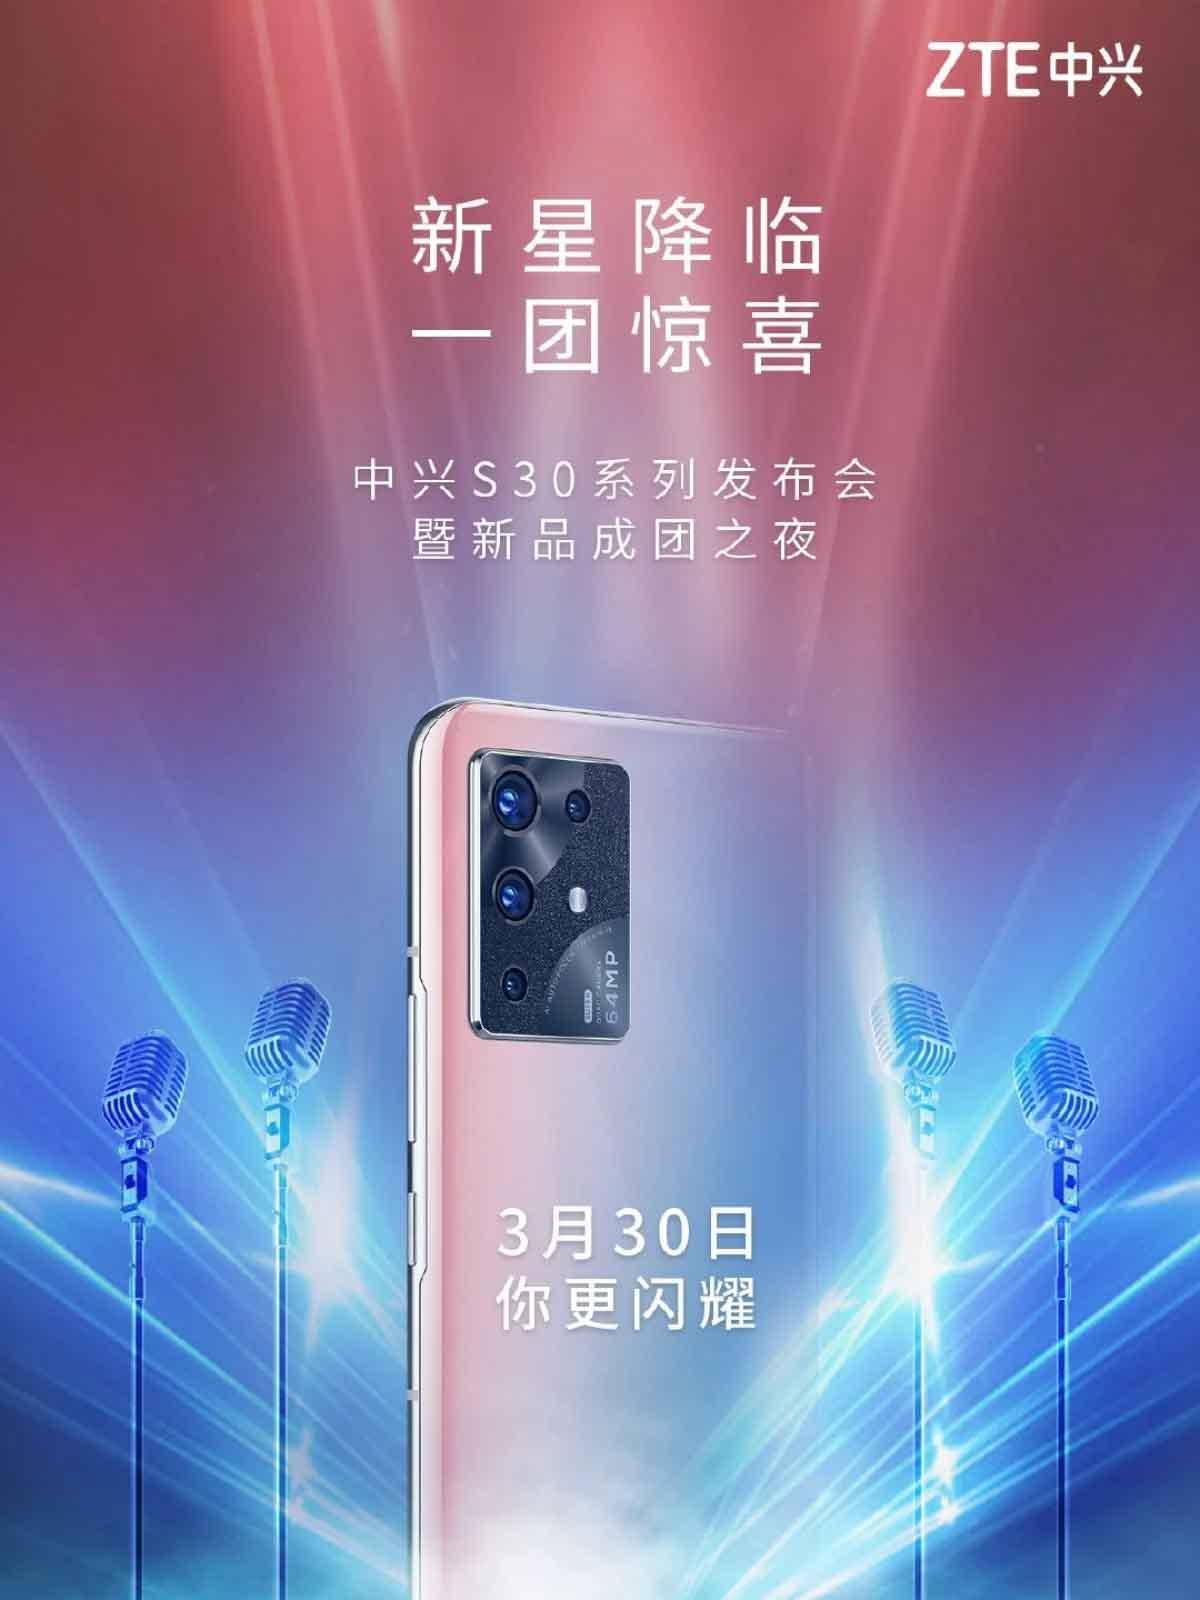 تاریخ معرفی گوشی ZTE S30 Pro رسما مشخص شد: ۱۰ فروردین ۱۴۰۰